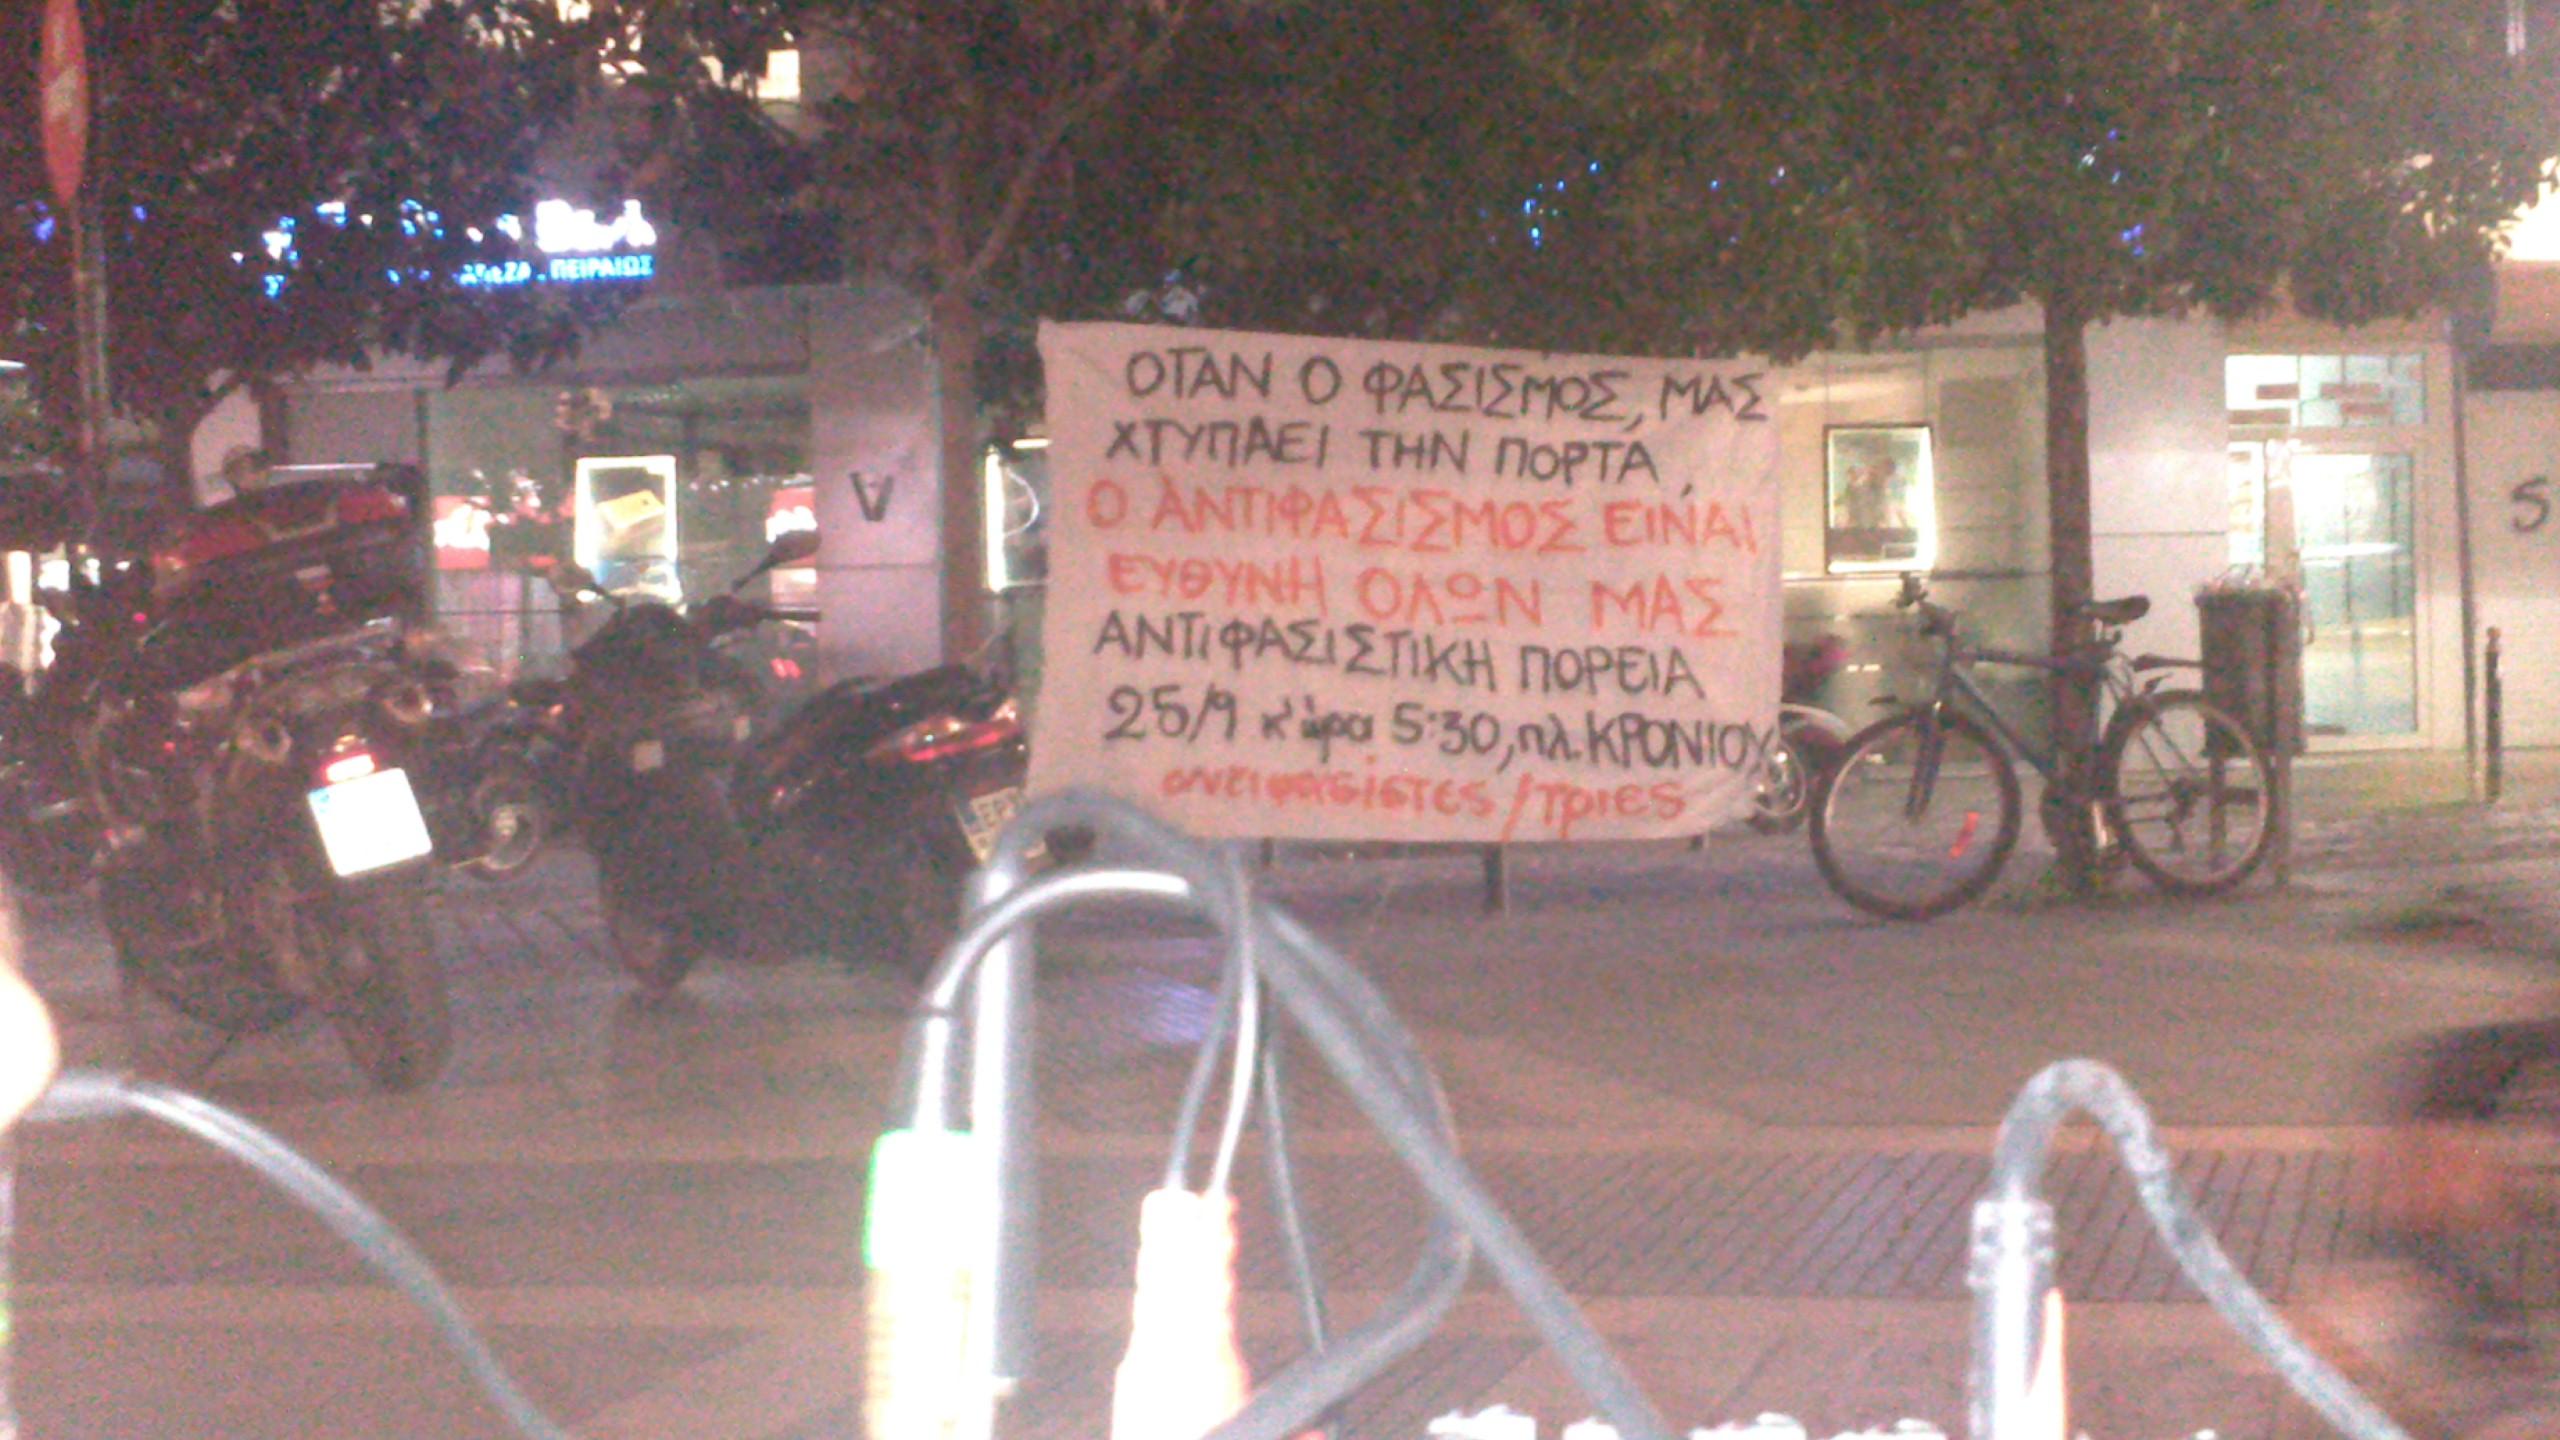 Μικροφωνική Πλατεία Κρονίου